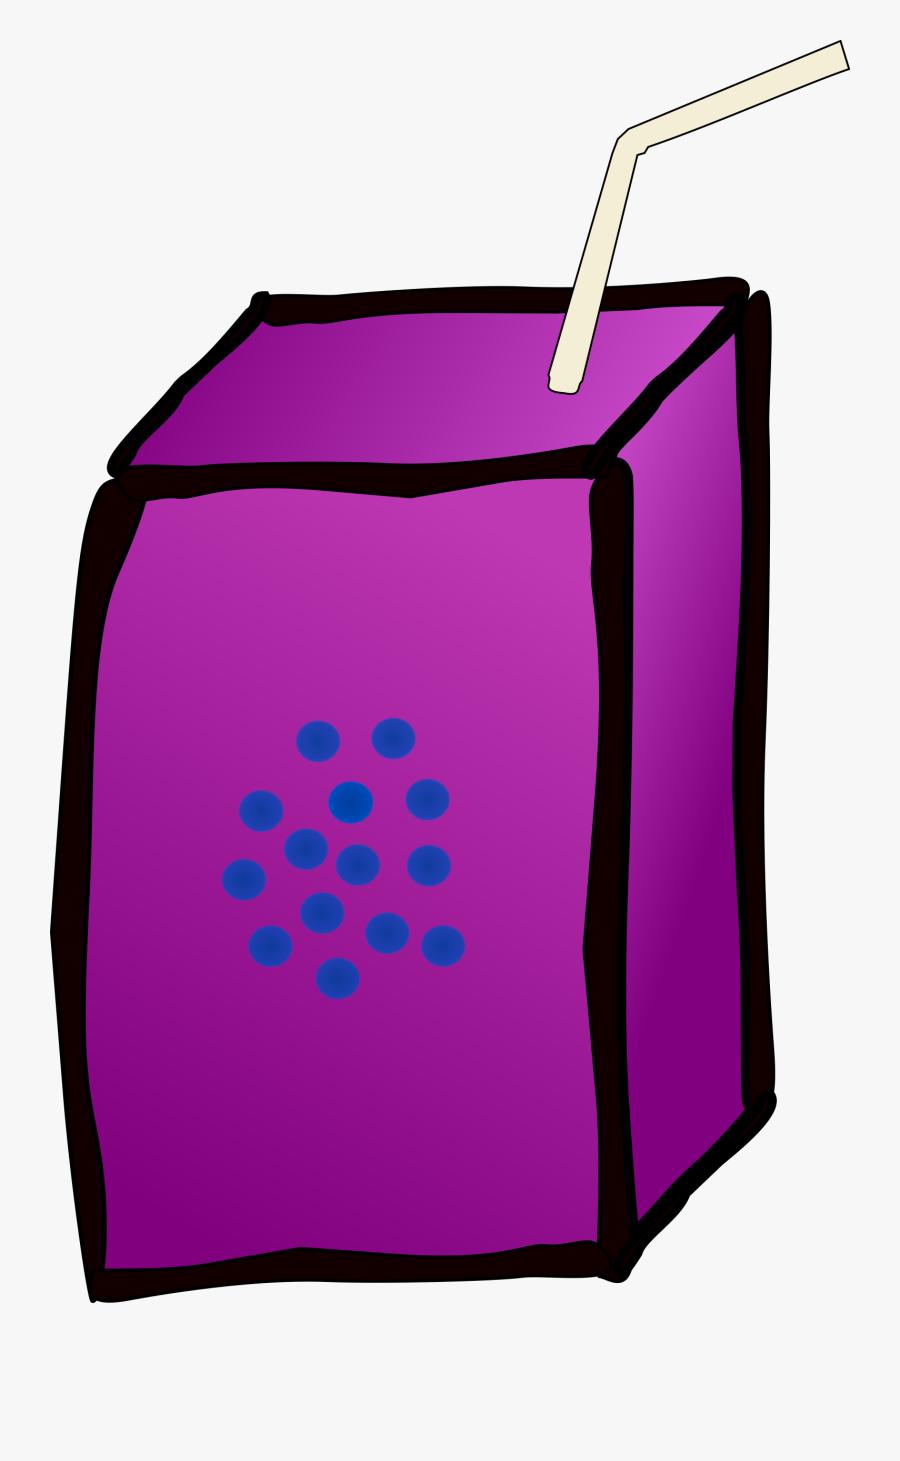 Juice Box Clip Art - Cartoon Juice Box Grape Juice, Transparent Clipart